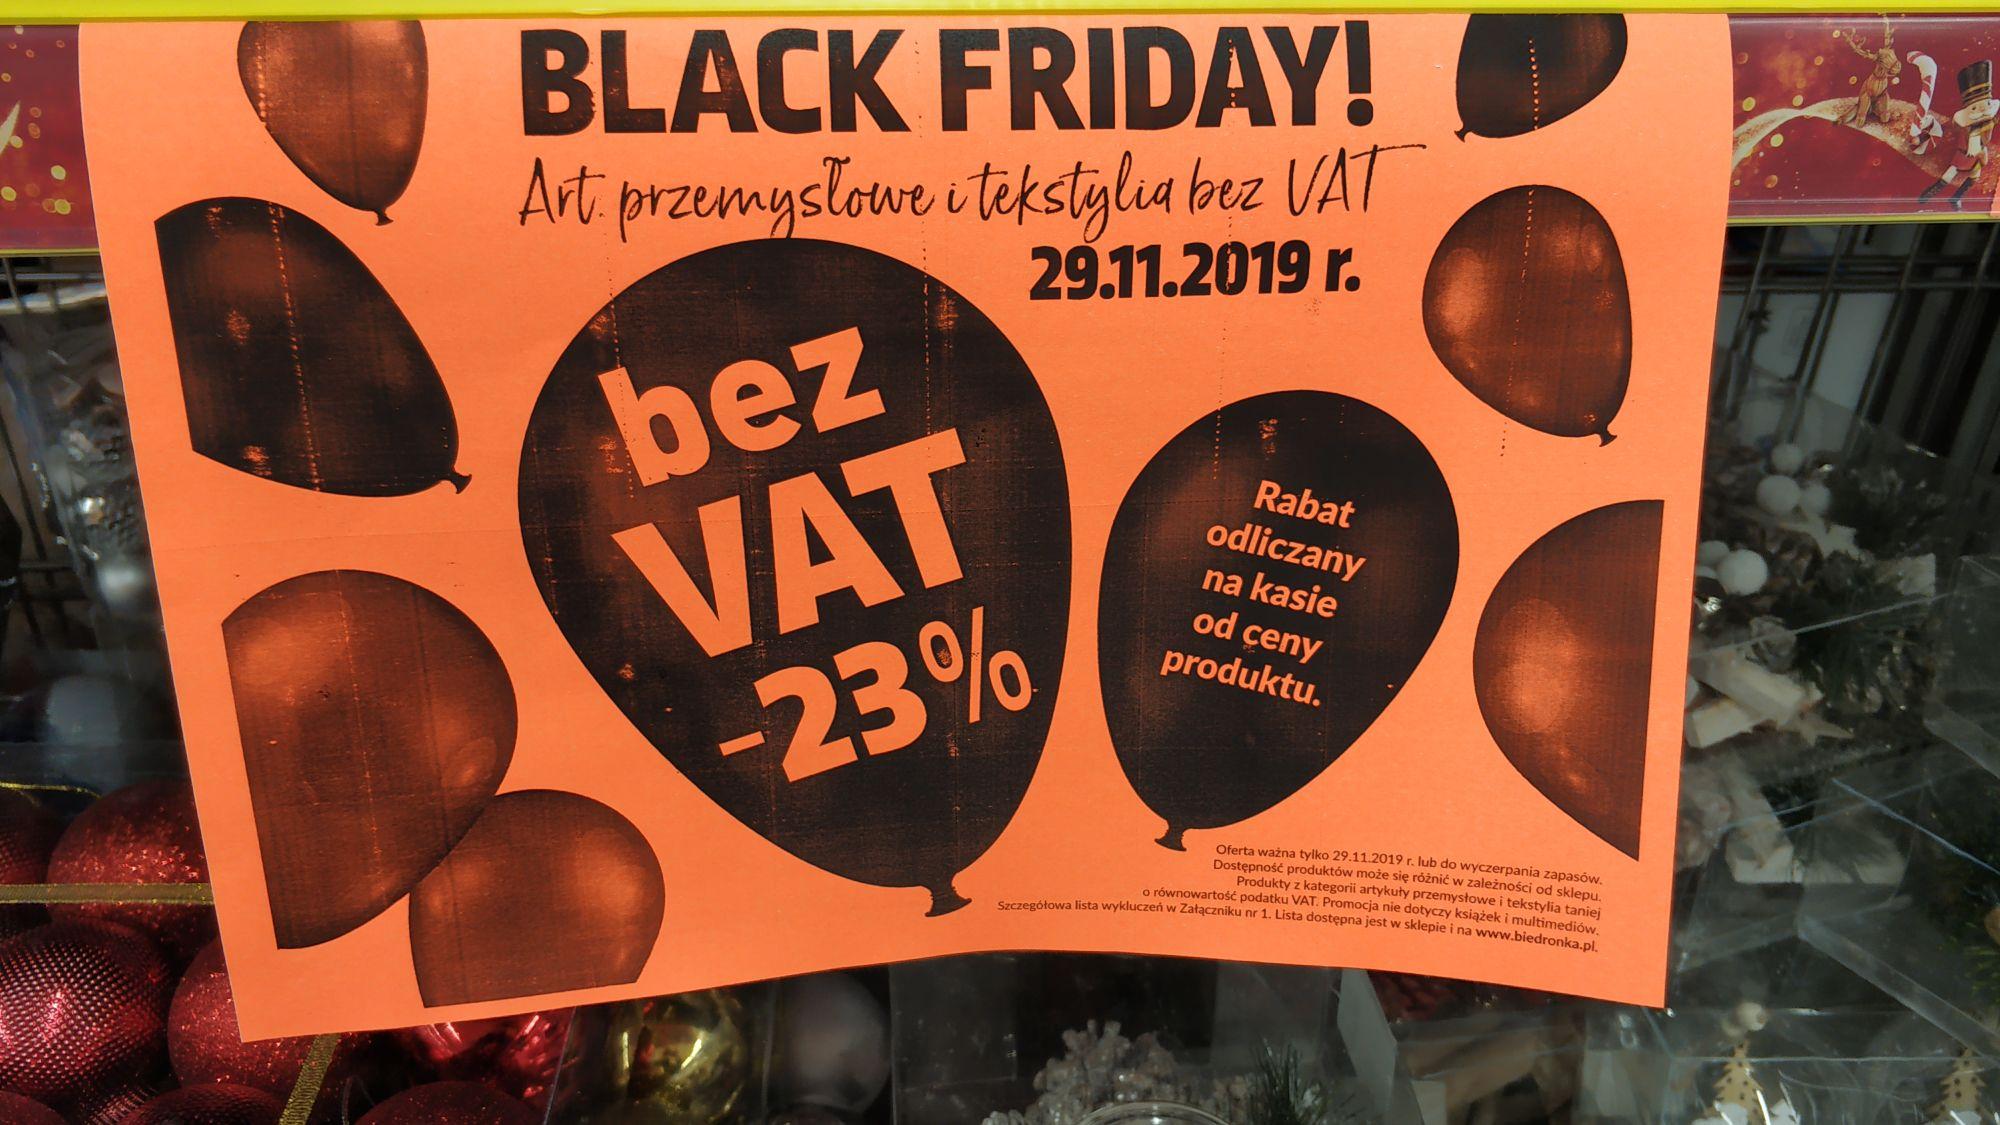 Biedronka Art. Przemysłowe i tekstylne bez VAT -23%